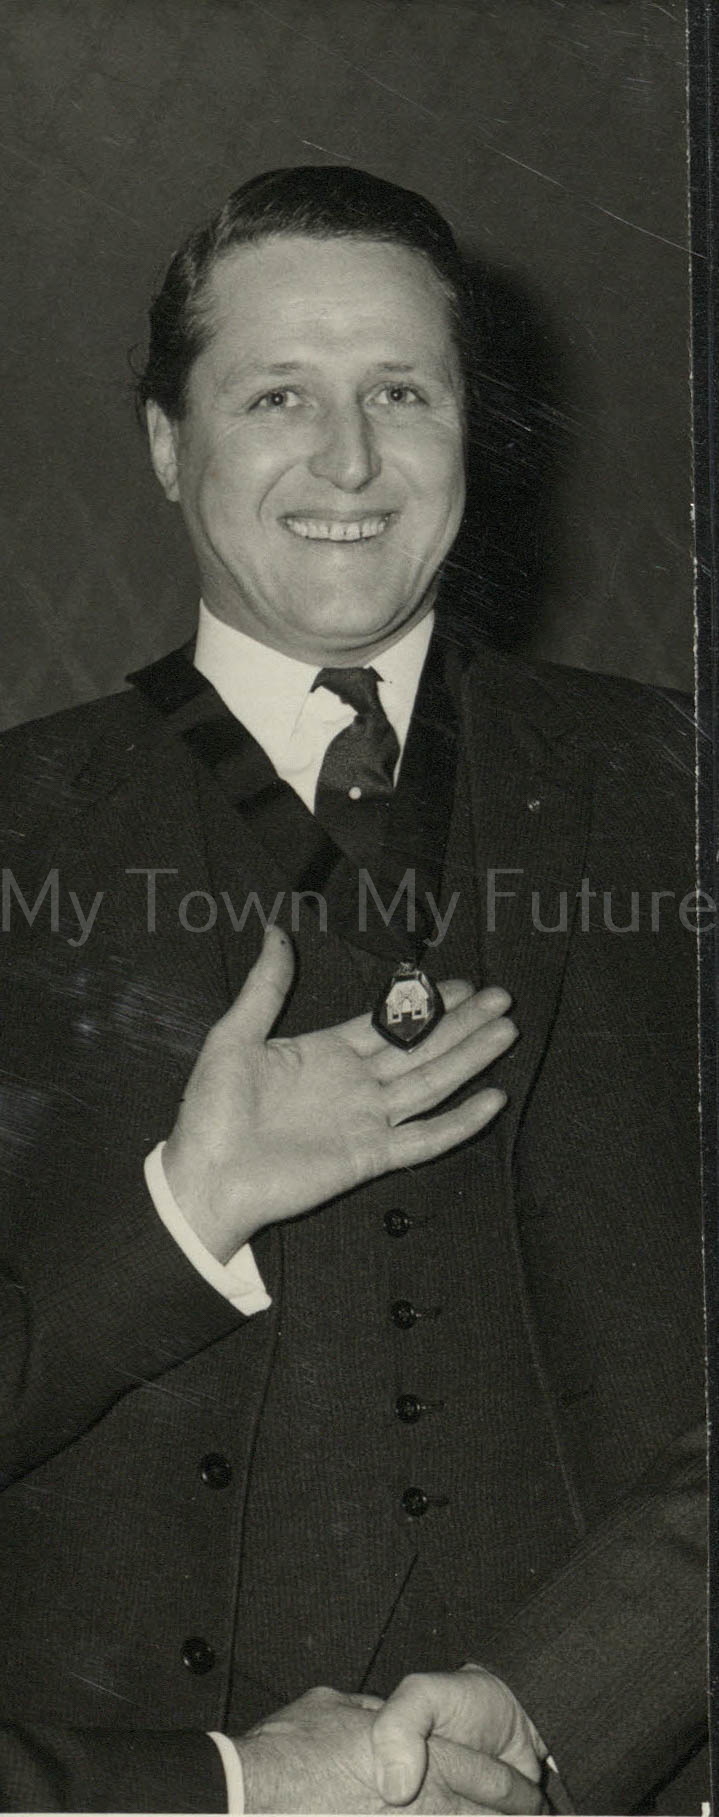 Councillor Hylton Armstrong, Guisboro UDC 1968